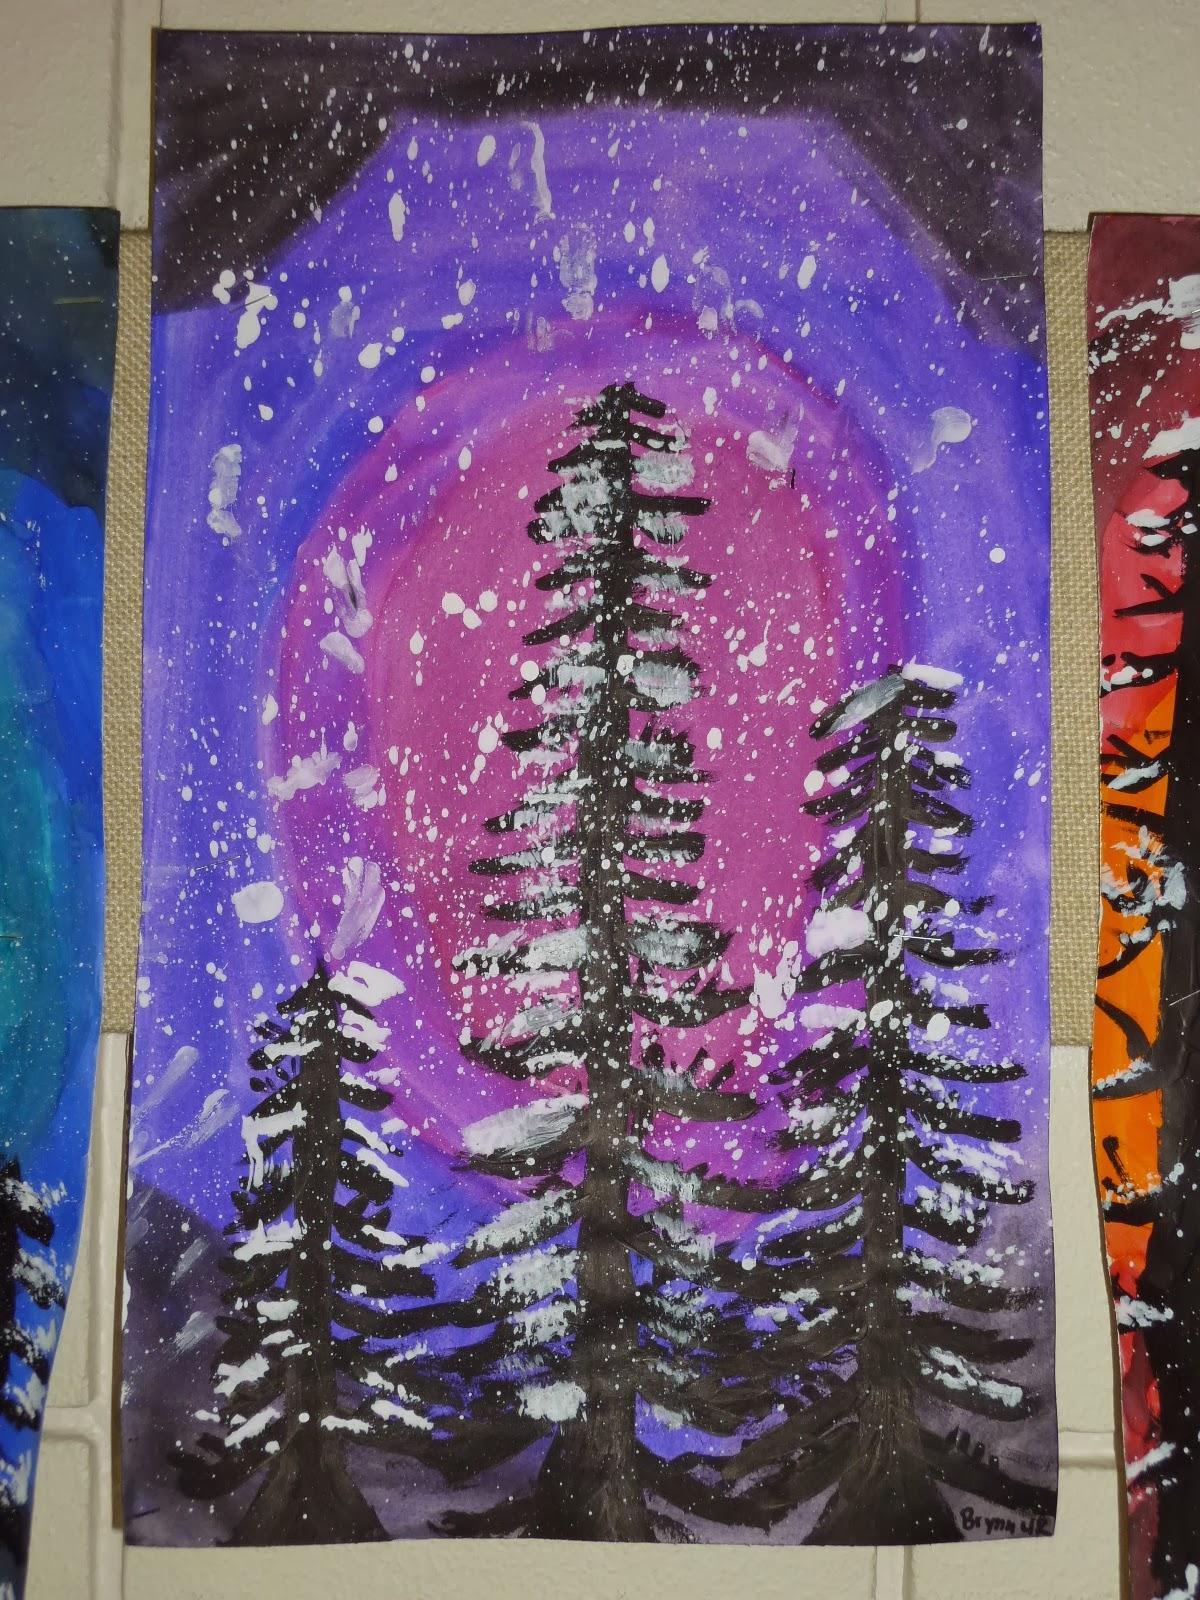 mrs  werner u0026 39 s art room  4th grade winter paintings